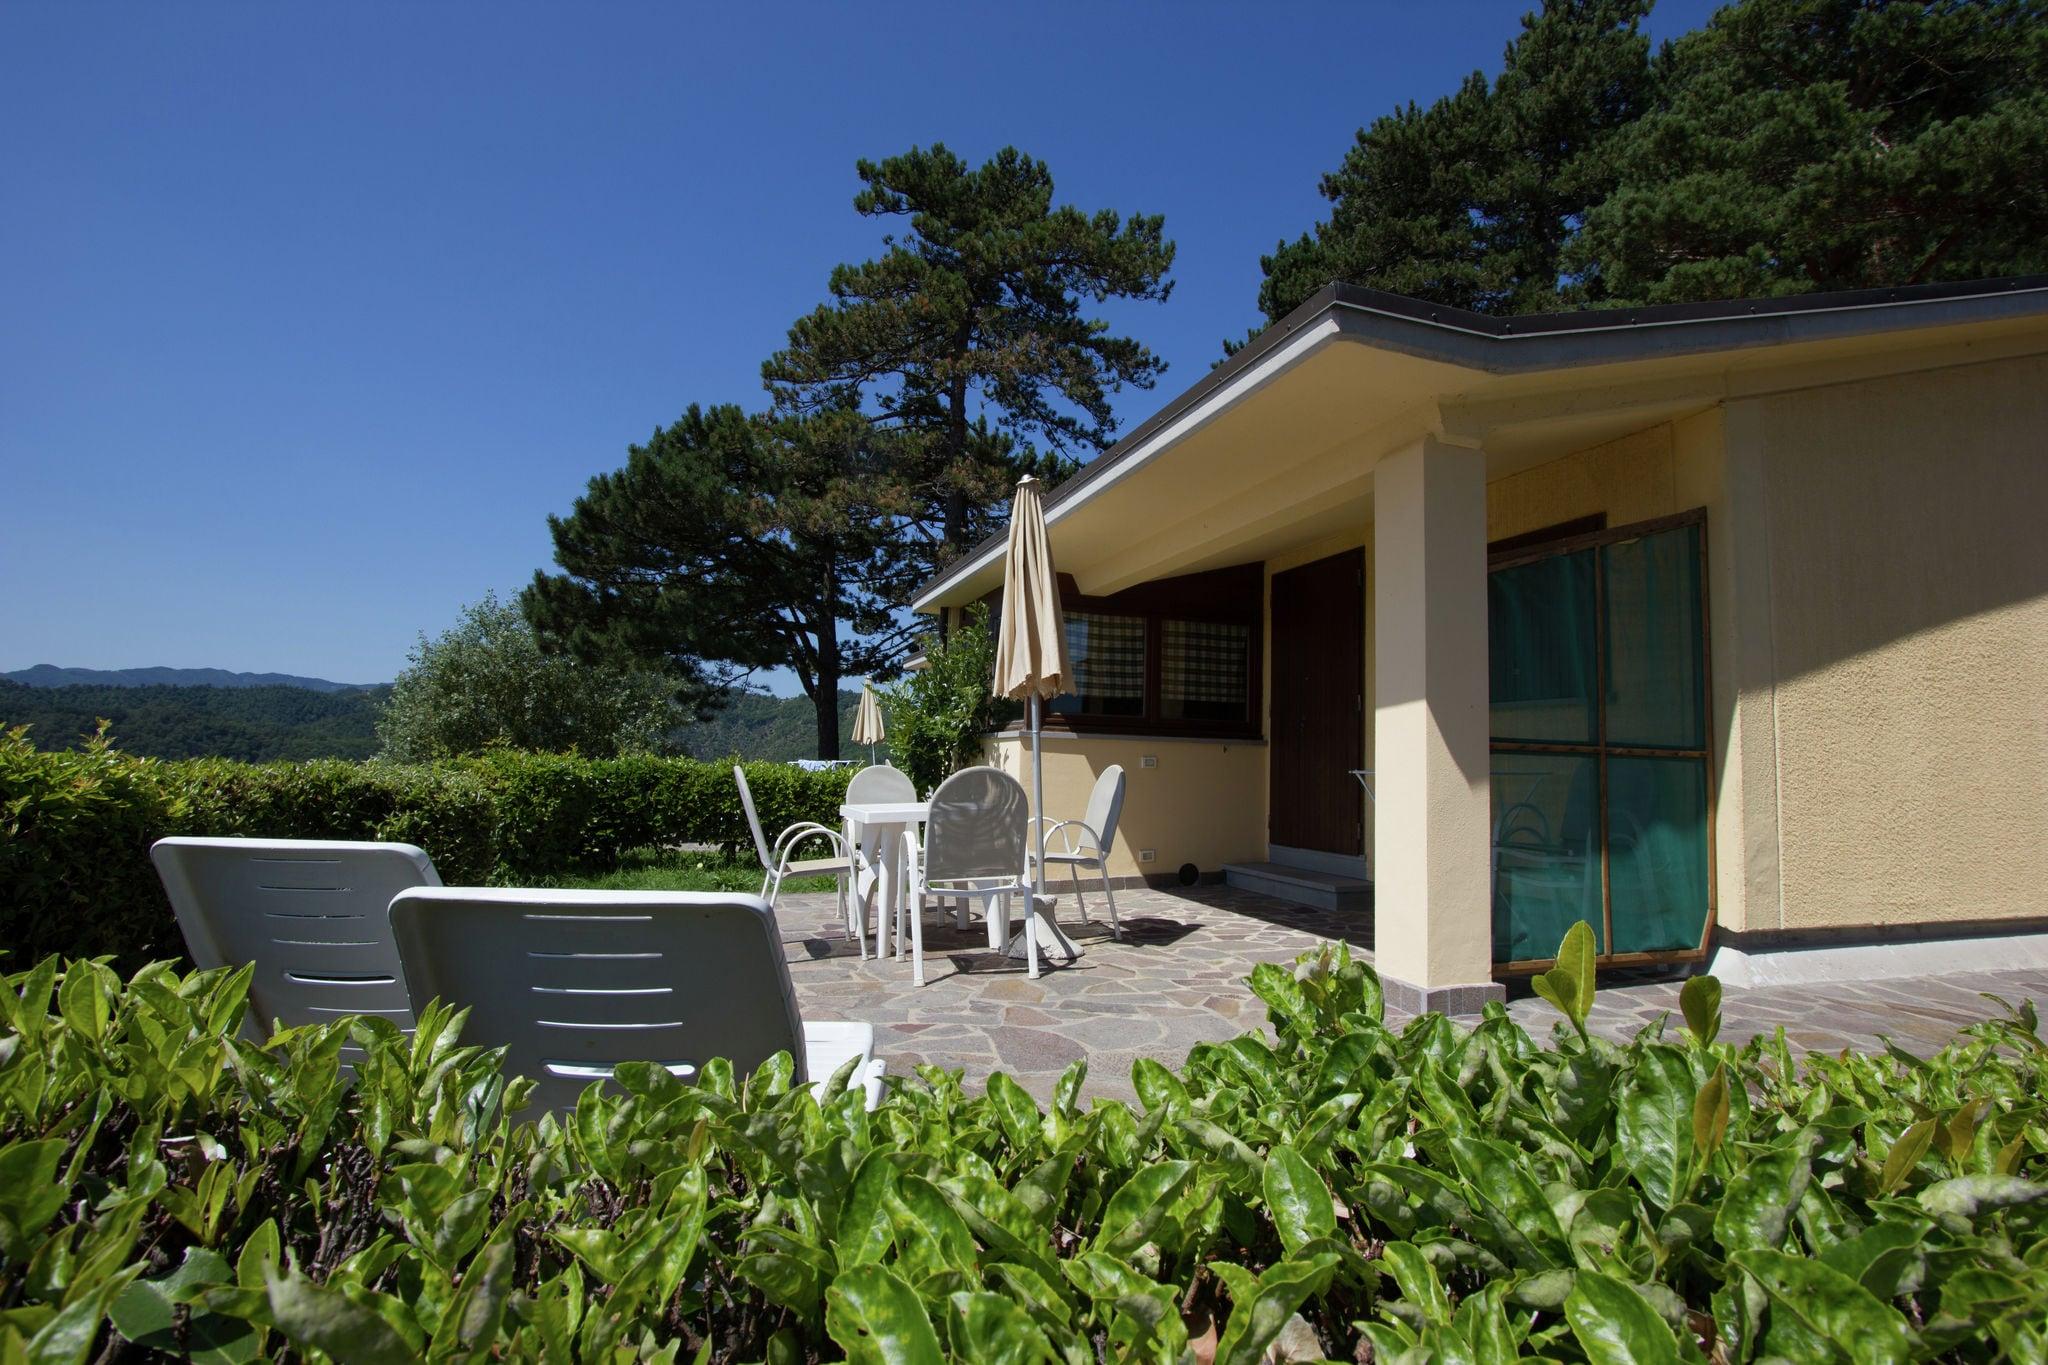 Maison avec piscine, 2 chambres - Toscane - maison